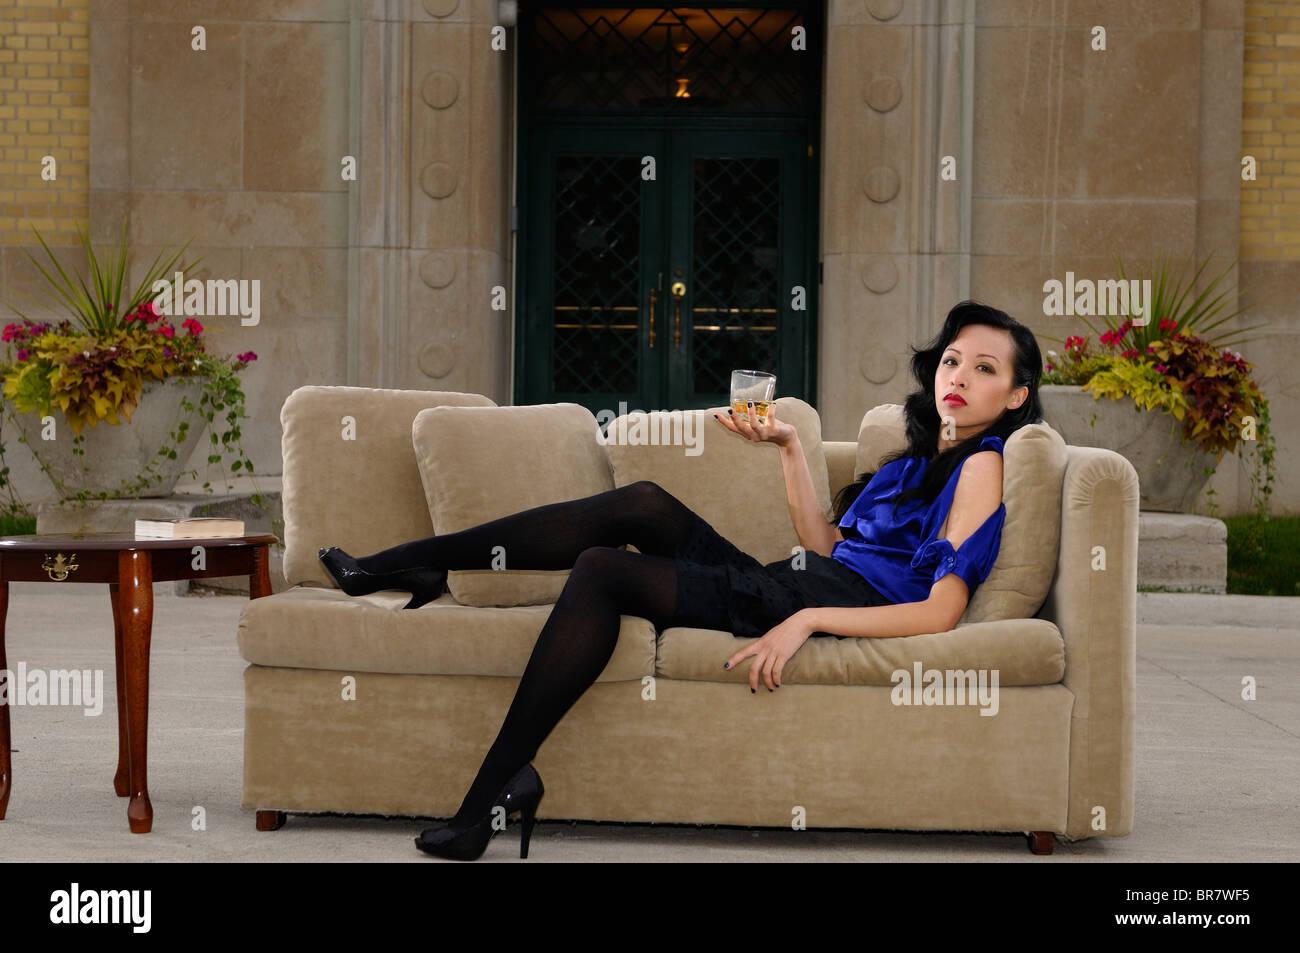 Attraktive asiatische Frau liegend auf einer Couch in eine Terrasse an einer Art-Deco-Villa Harris-Wasser-Behandlung Stockbild